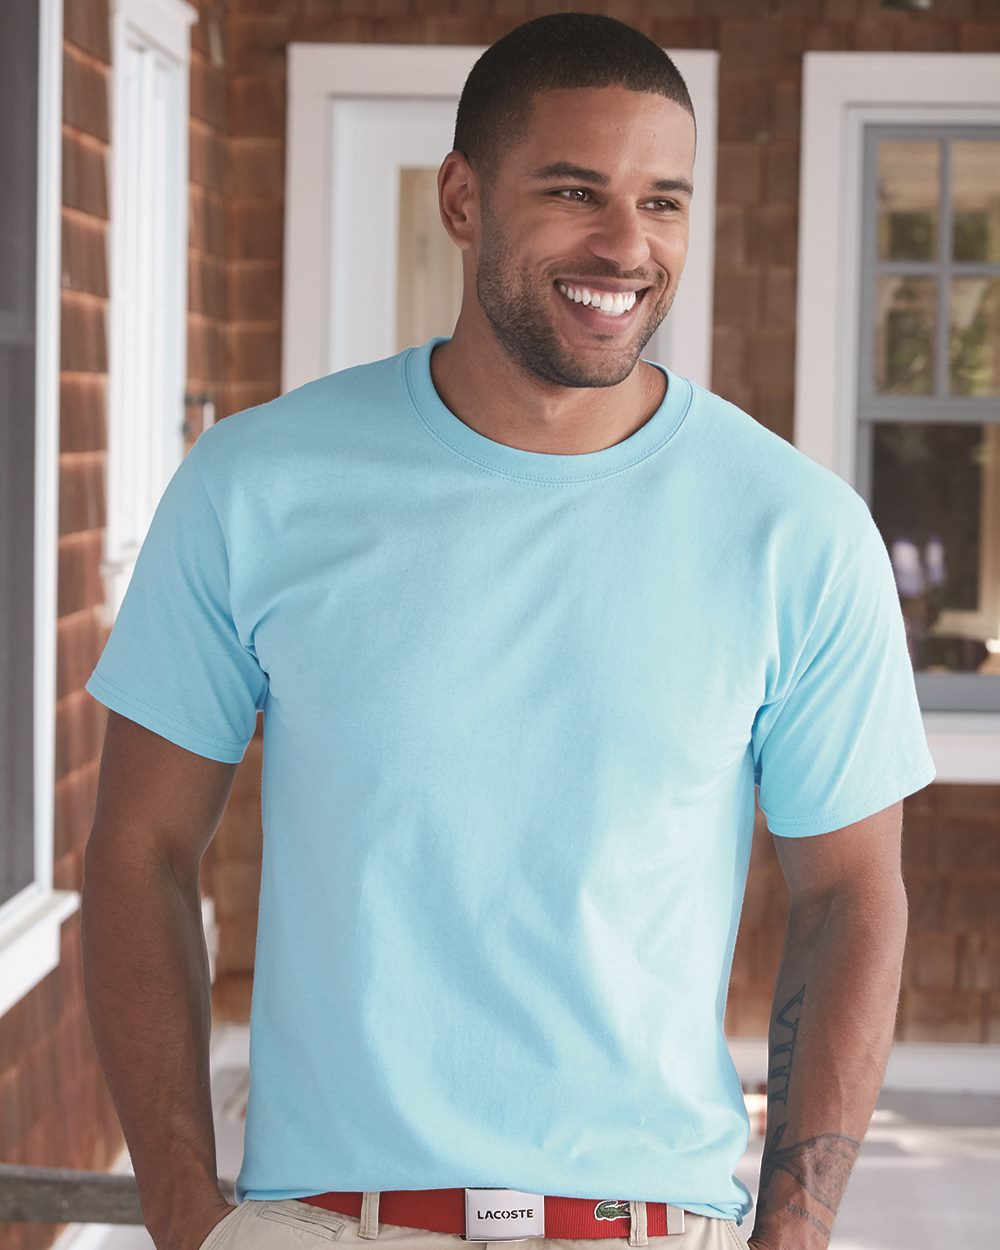 Hanes Tagless T-shirt - 5250            Starting at $3.00 - Blank - 43 Colors